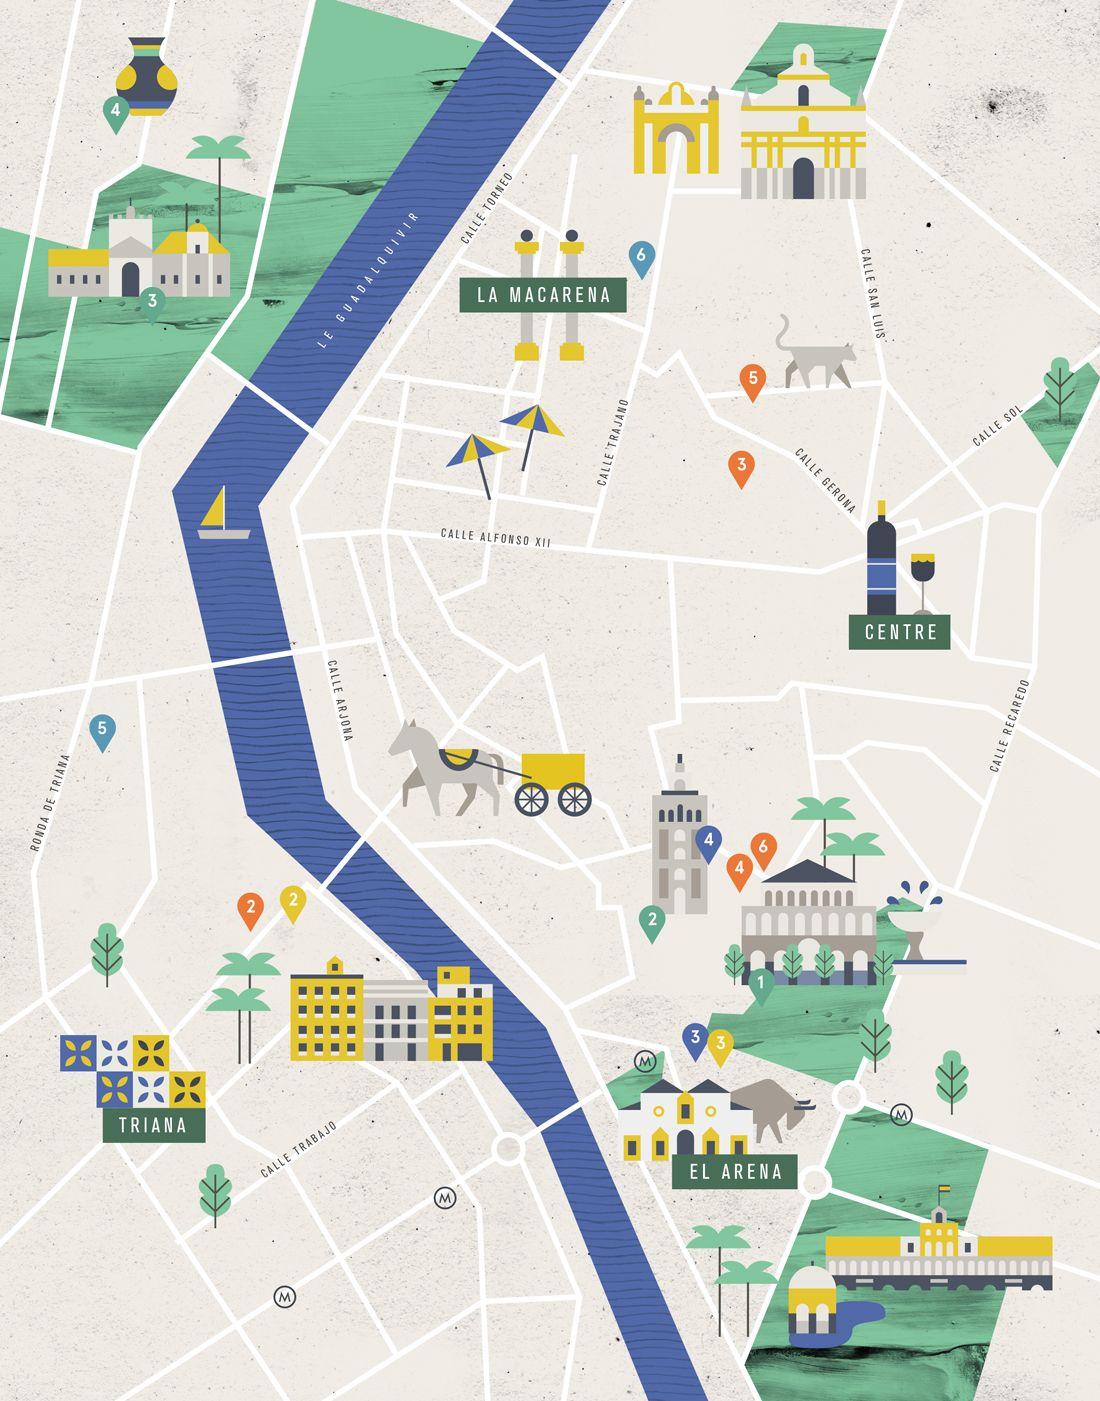 Seville Cartes illustrées pour la rubrique City Guide de Mint ...